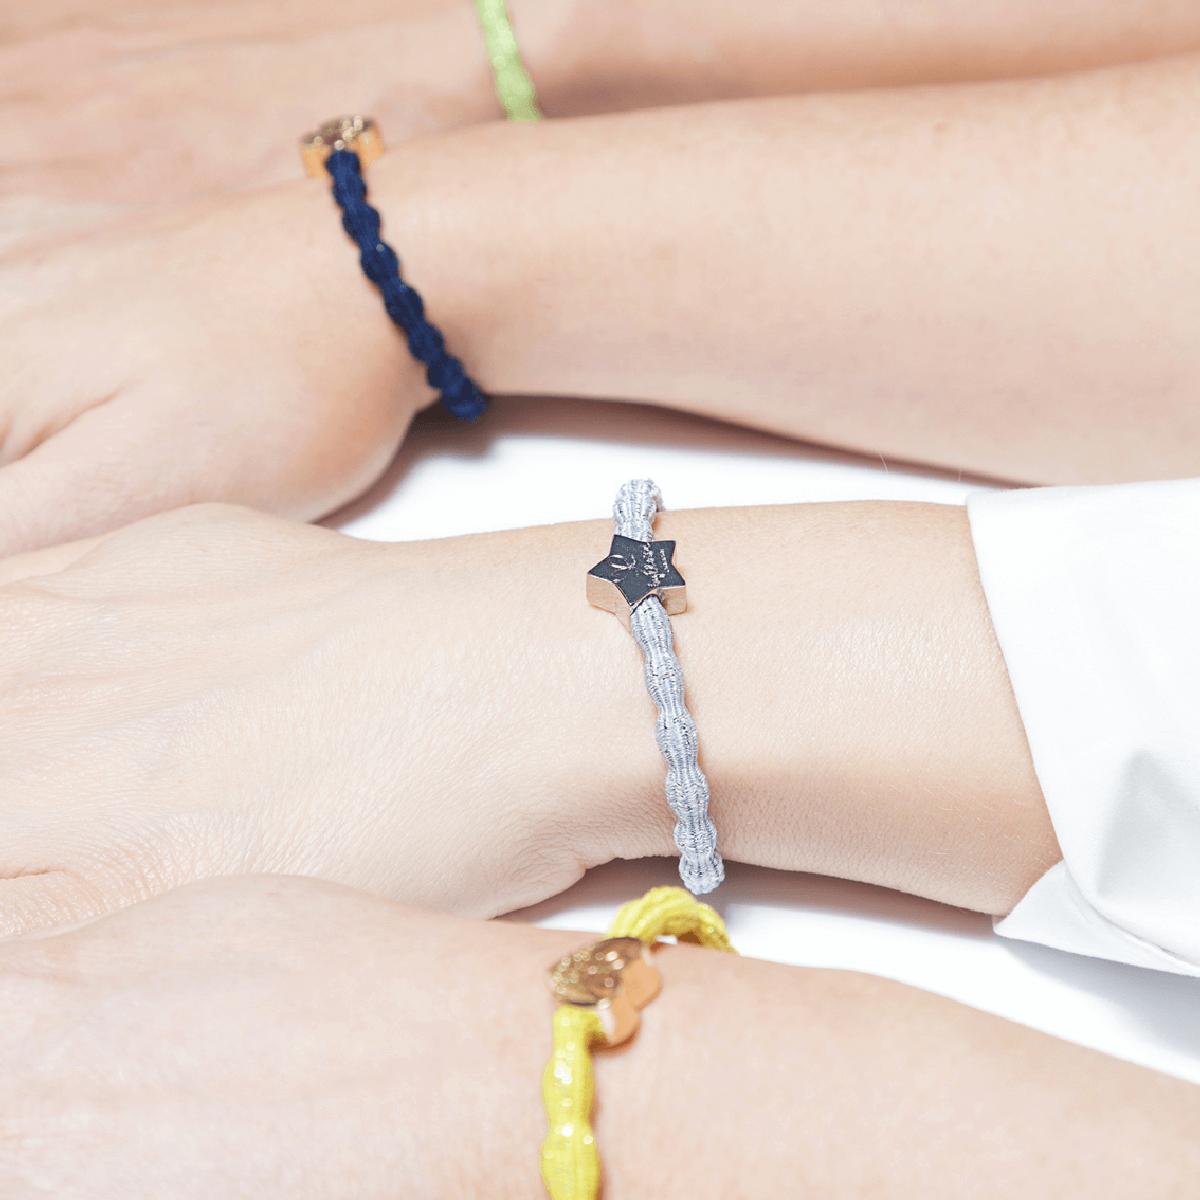 bracelet elastique cheveux byEloise star metallic argent. Previous; Next